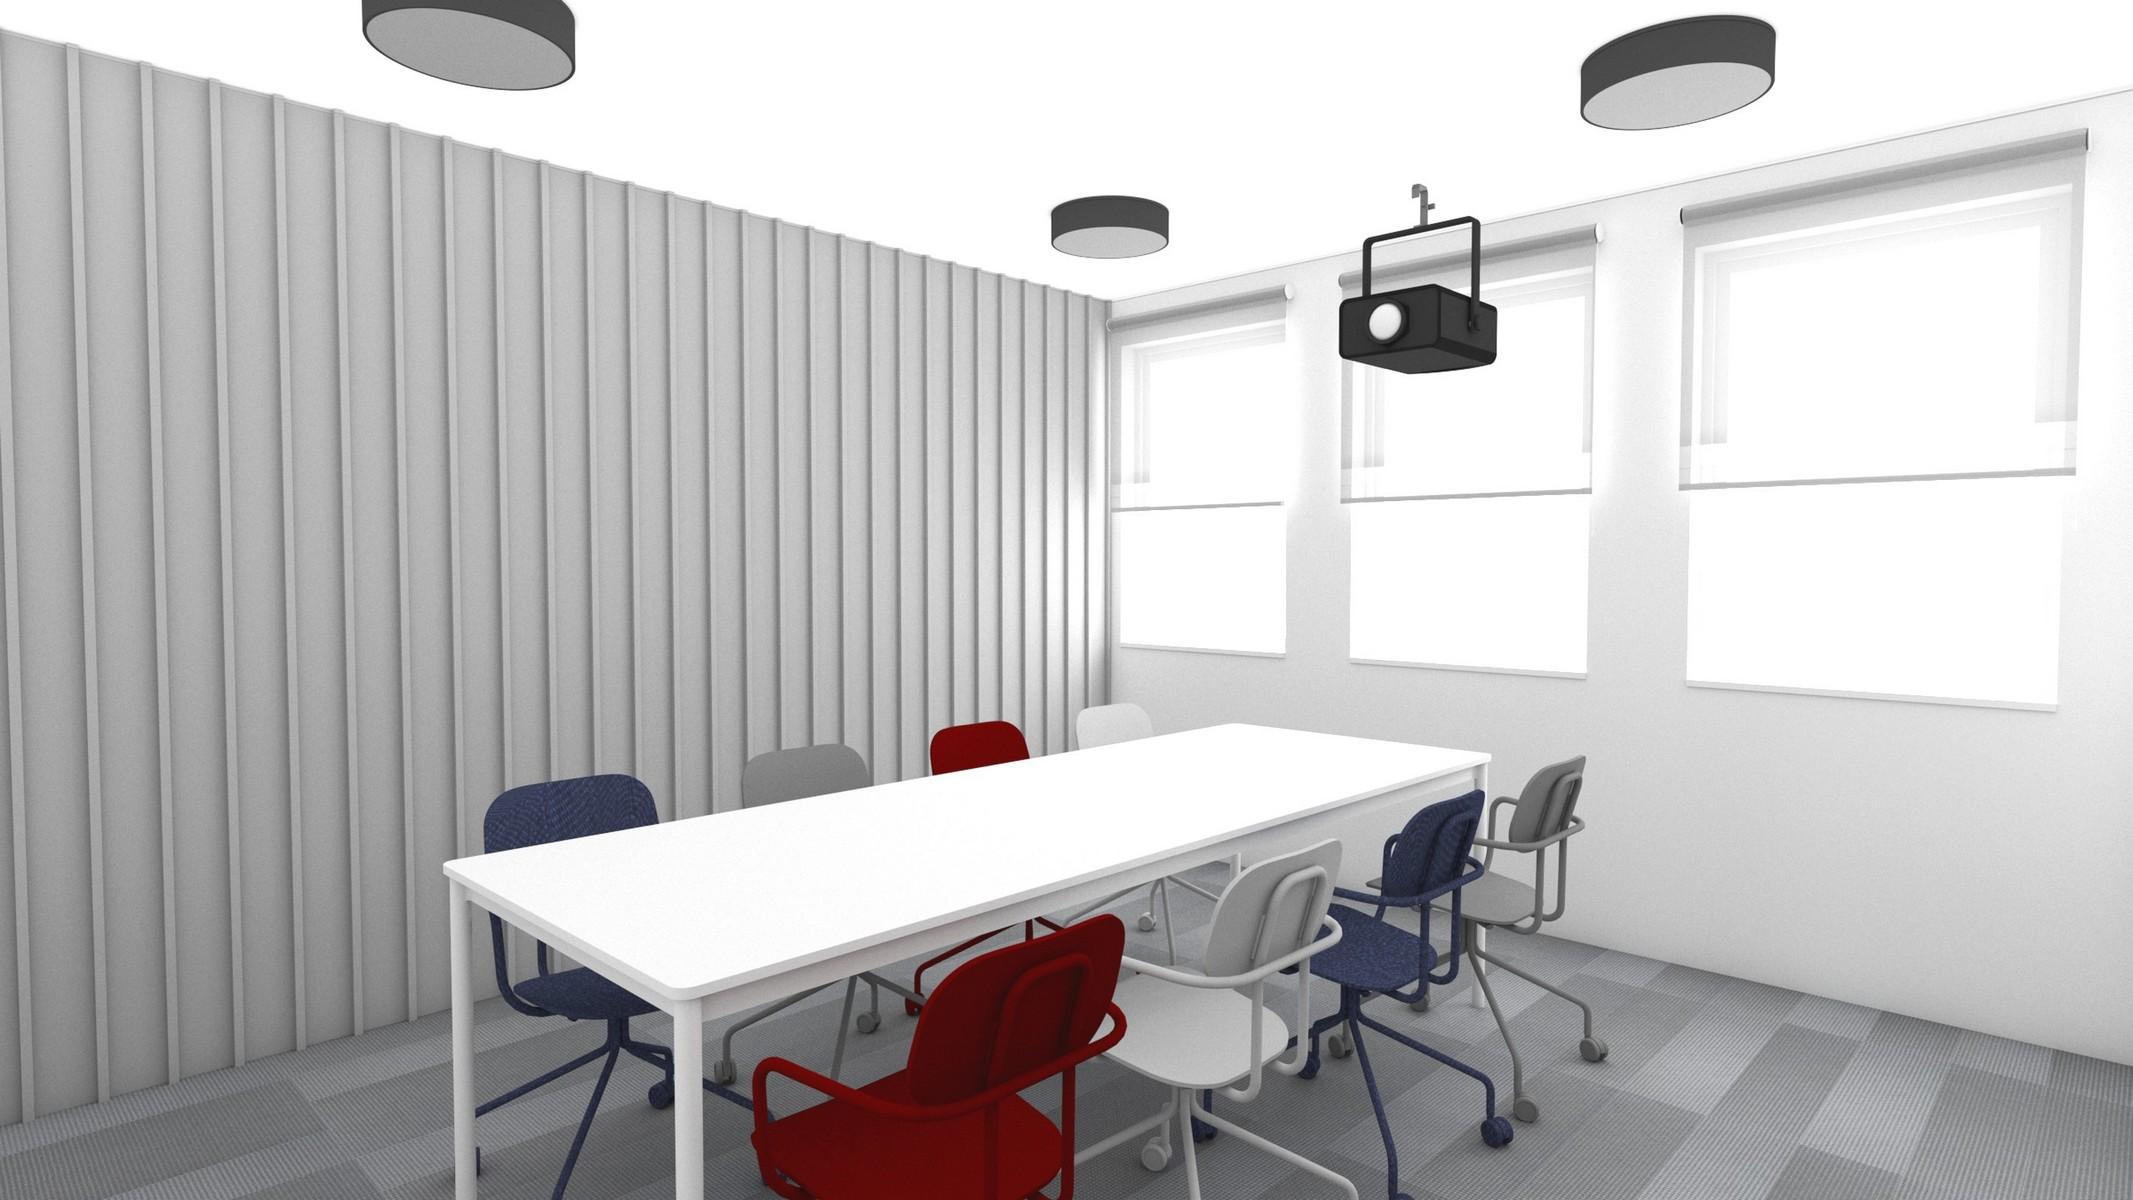 pokoj-konferencyjny-bialo-szare-kolory-czerwone-i-granatowe-krzesla